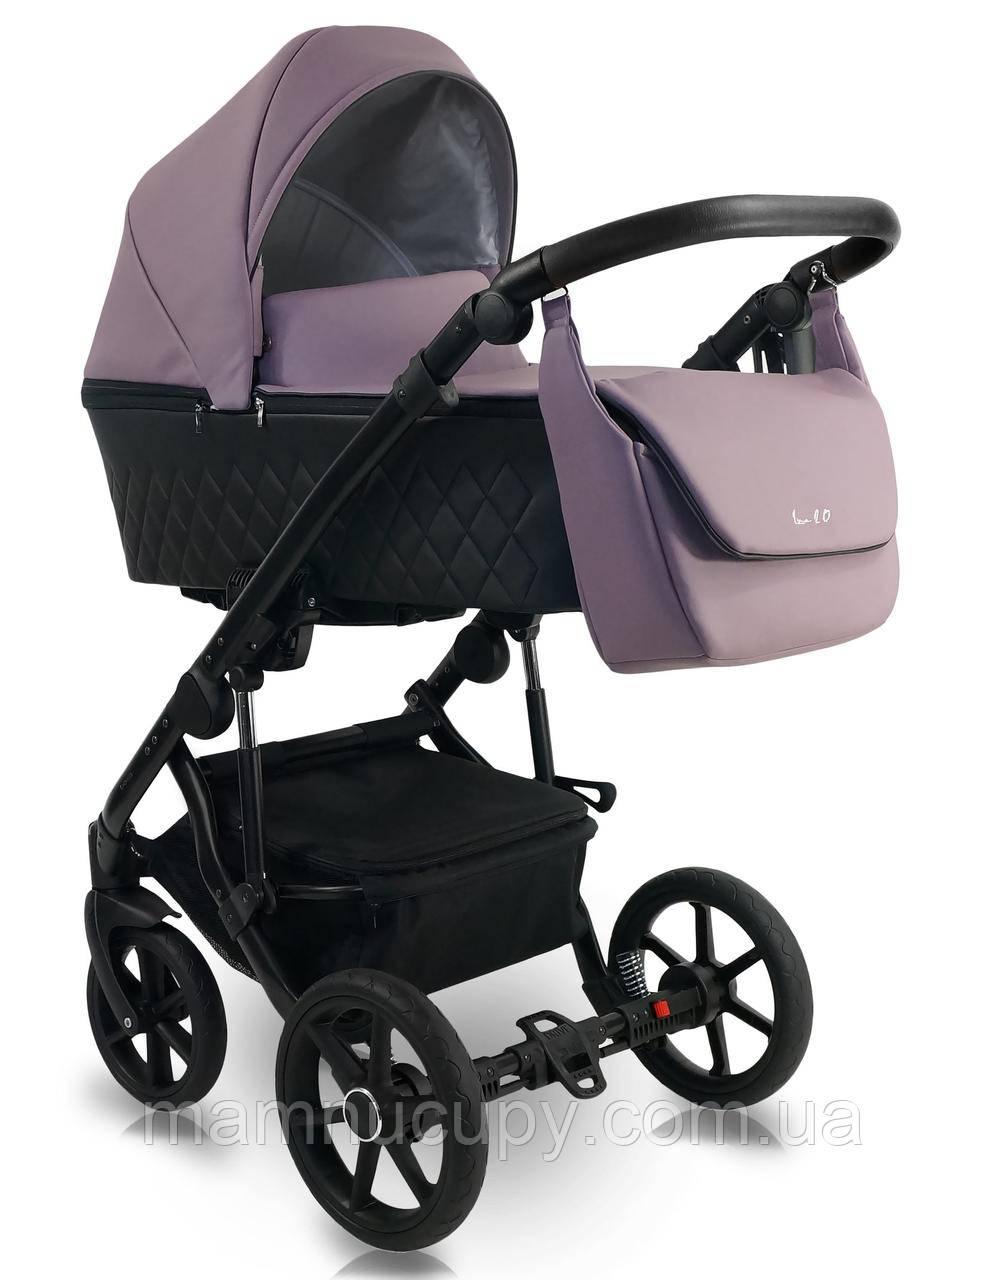 Дитяча універсальна дитяча коляска 2 в 1 Bexa Line 2.0 Eco L104 (бекса лайн еко)